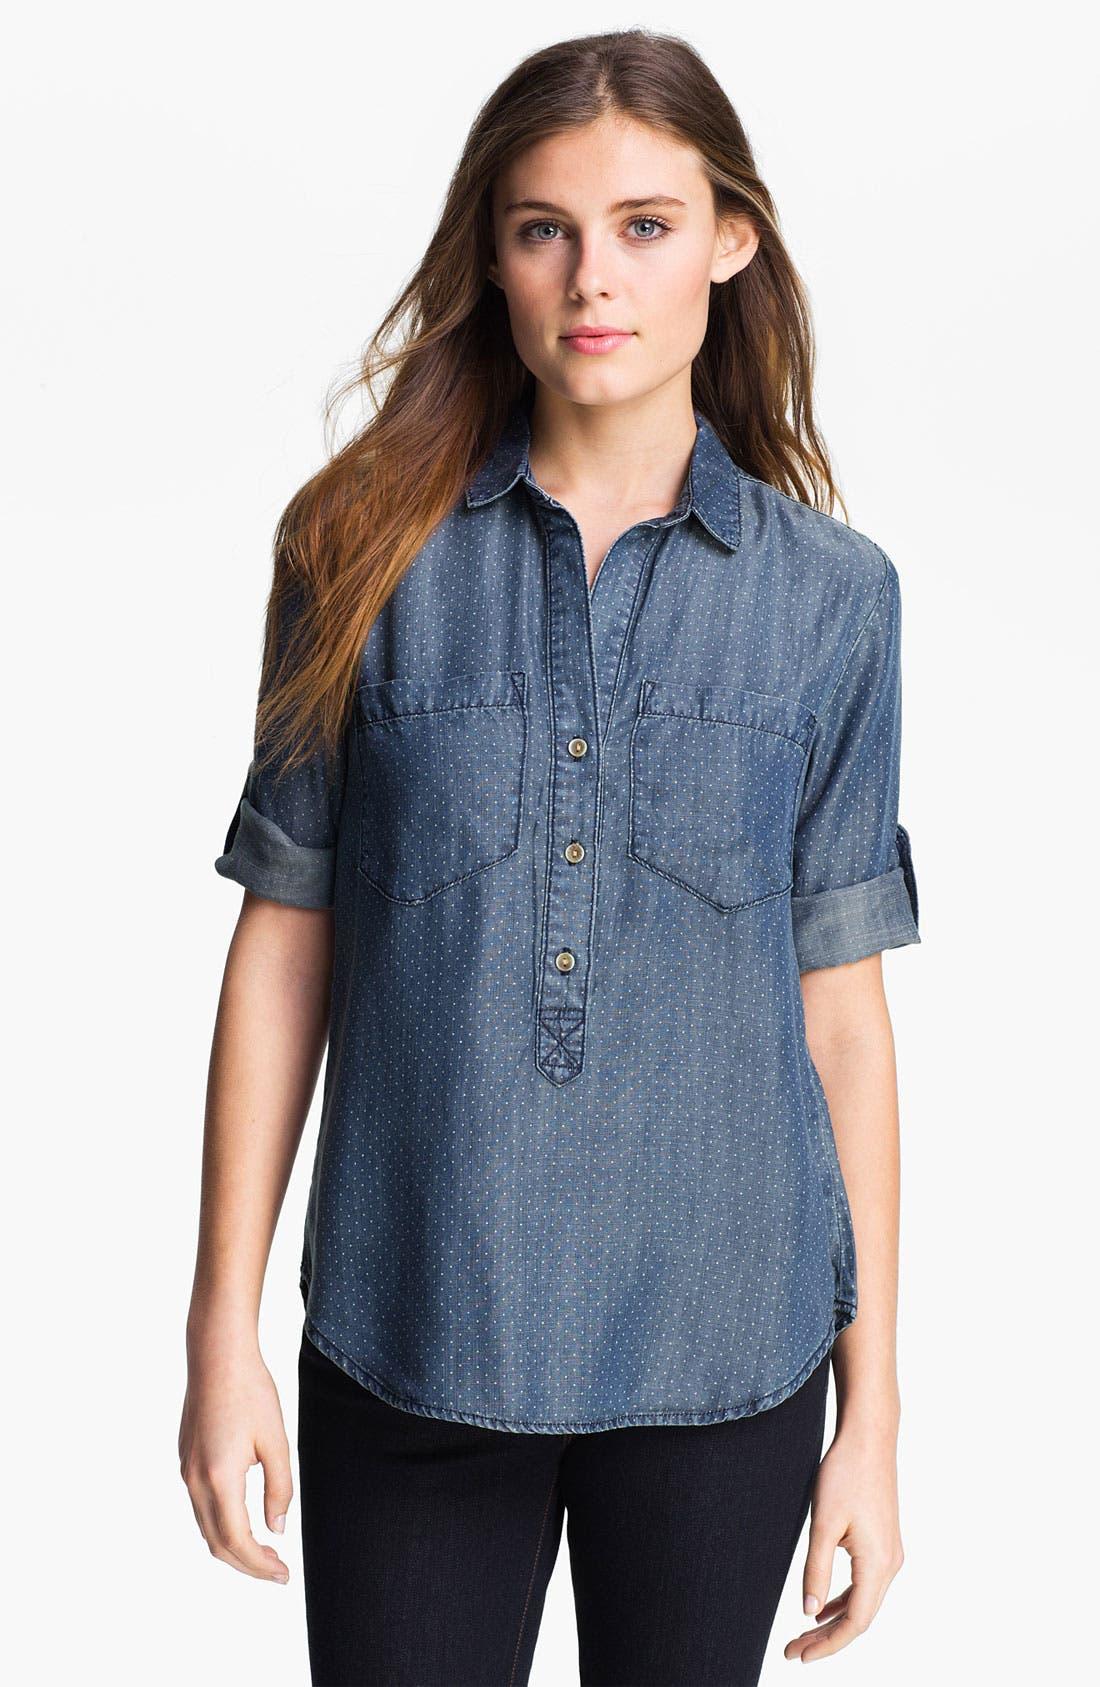 Alternate Image 1 Selected - Side Stitch Dot Chambray Shirt